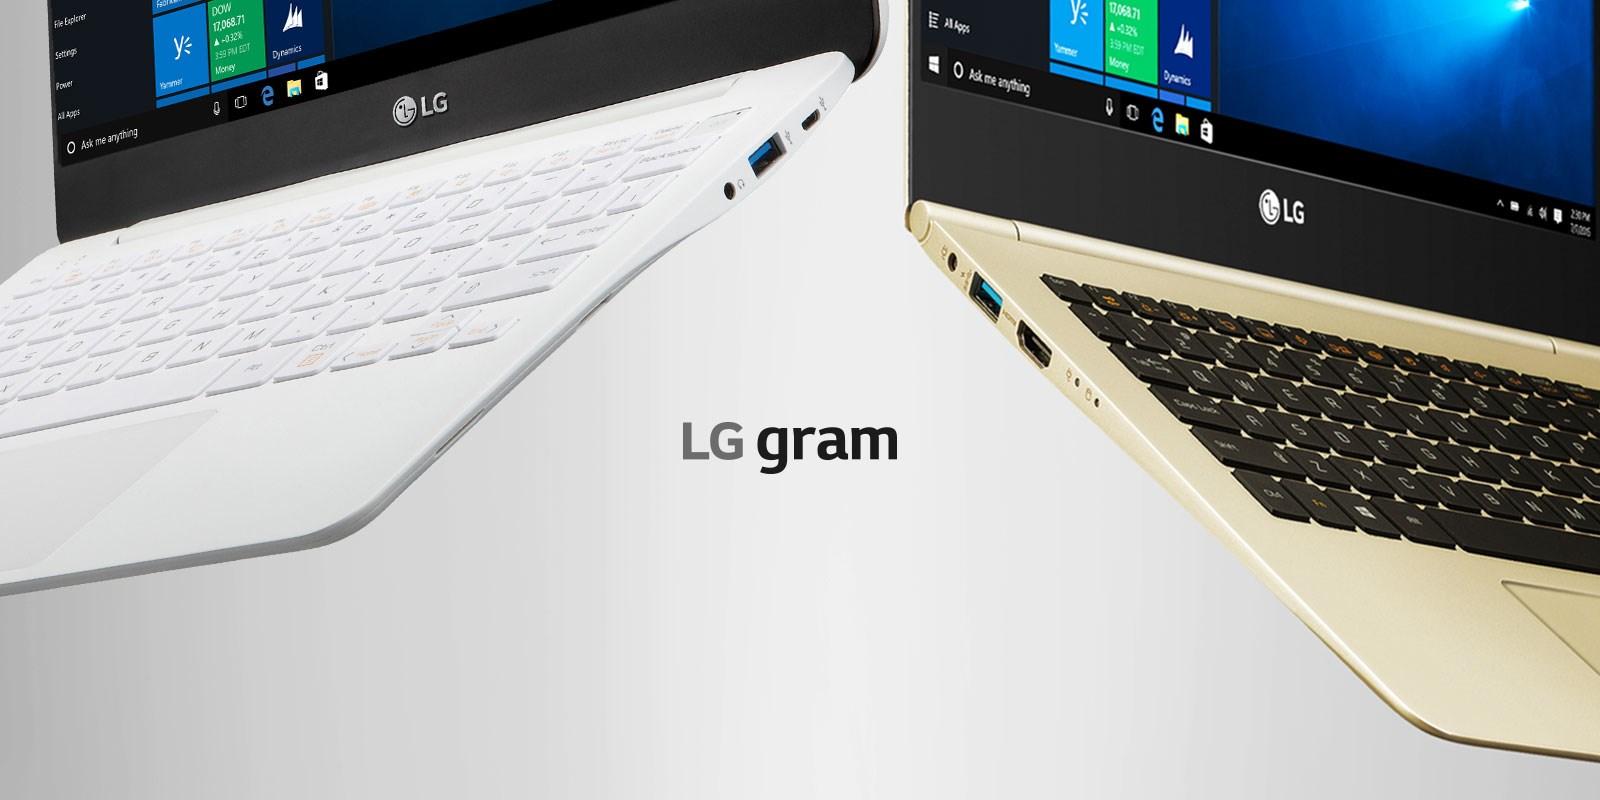 LG Gram Serisi MacBook Air'e Rakip